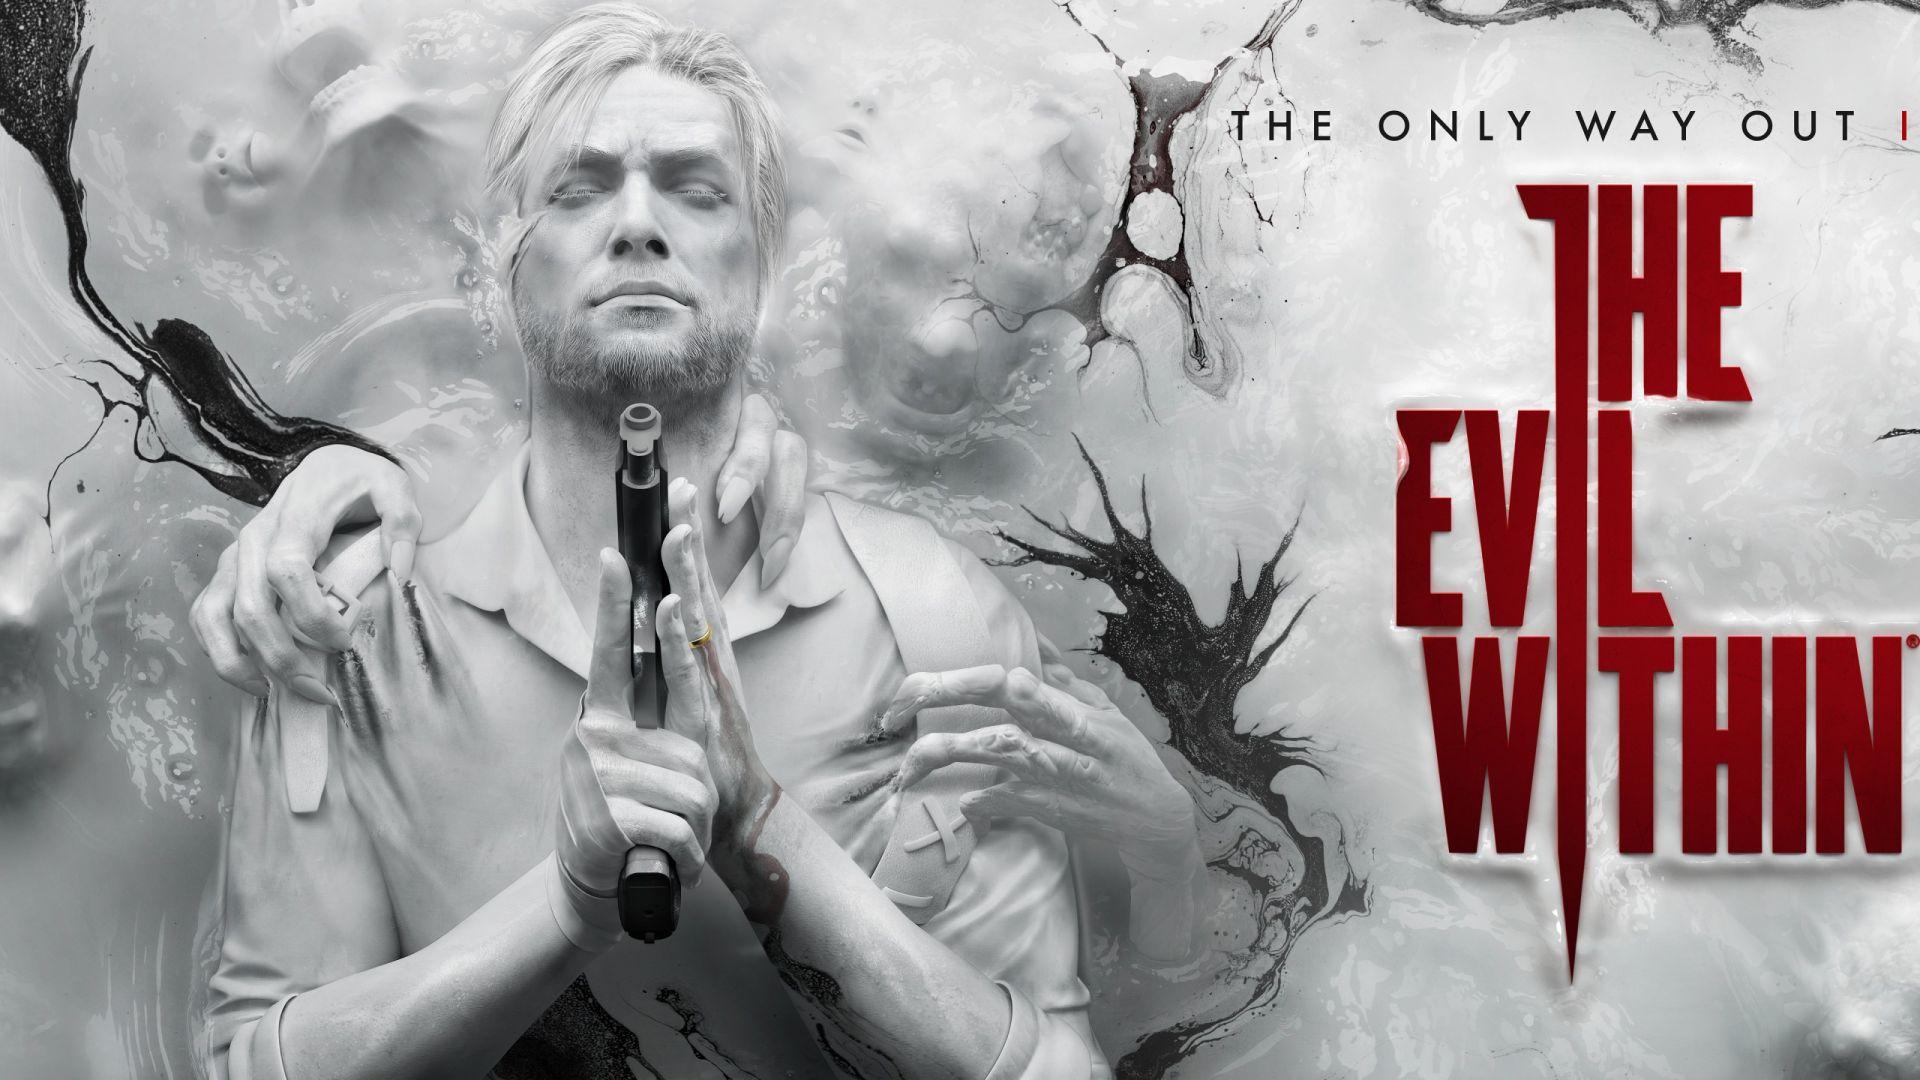 2017 The Evil Within 2 Full Hd Wallpaper: Desktop Wallpaper The Evil Within 2, Video Game, 2017, 4k